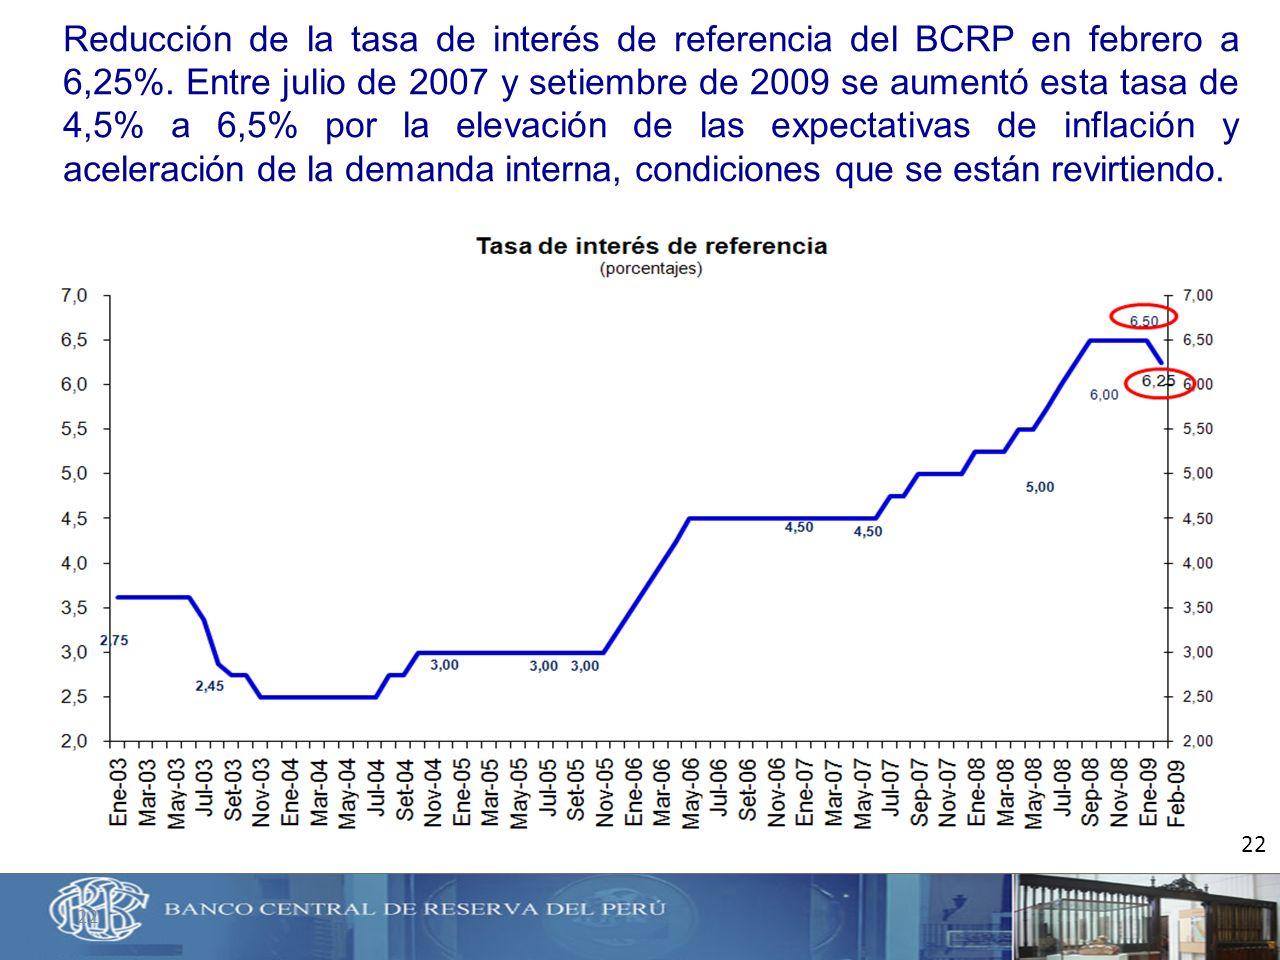 Reducción de la tasa de interés de referencia del BCRP en febrero a 6,25%. Entre julio de 2007 y setiembre de 2009 se aumentó esta tasa de 4,5% a 6,5% por la elevación de las expectativas de inflación y aceleración de la demanda interna, condiciones que se están revirtiendo.